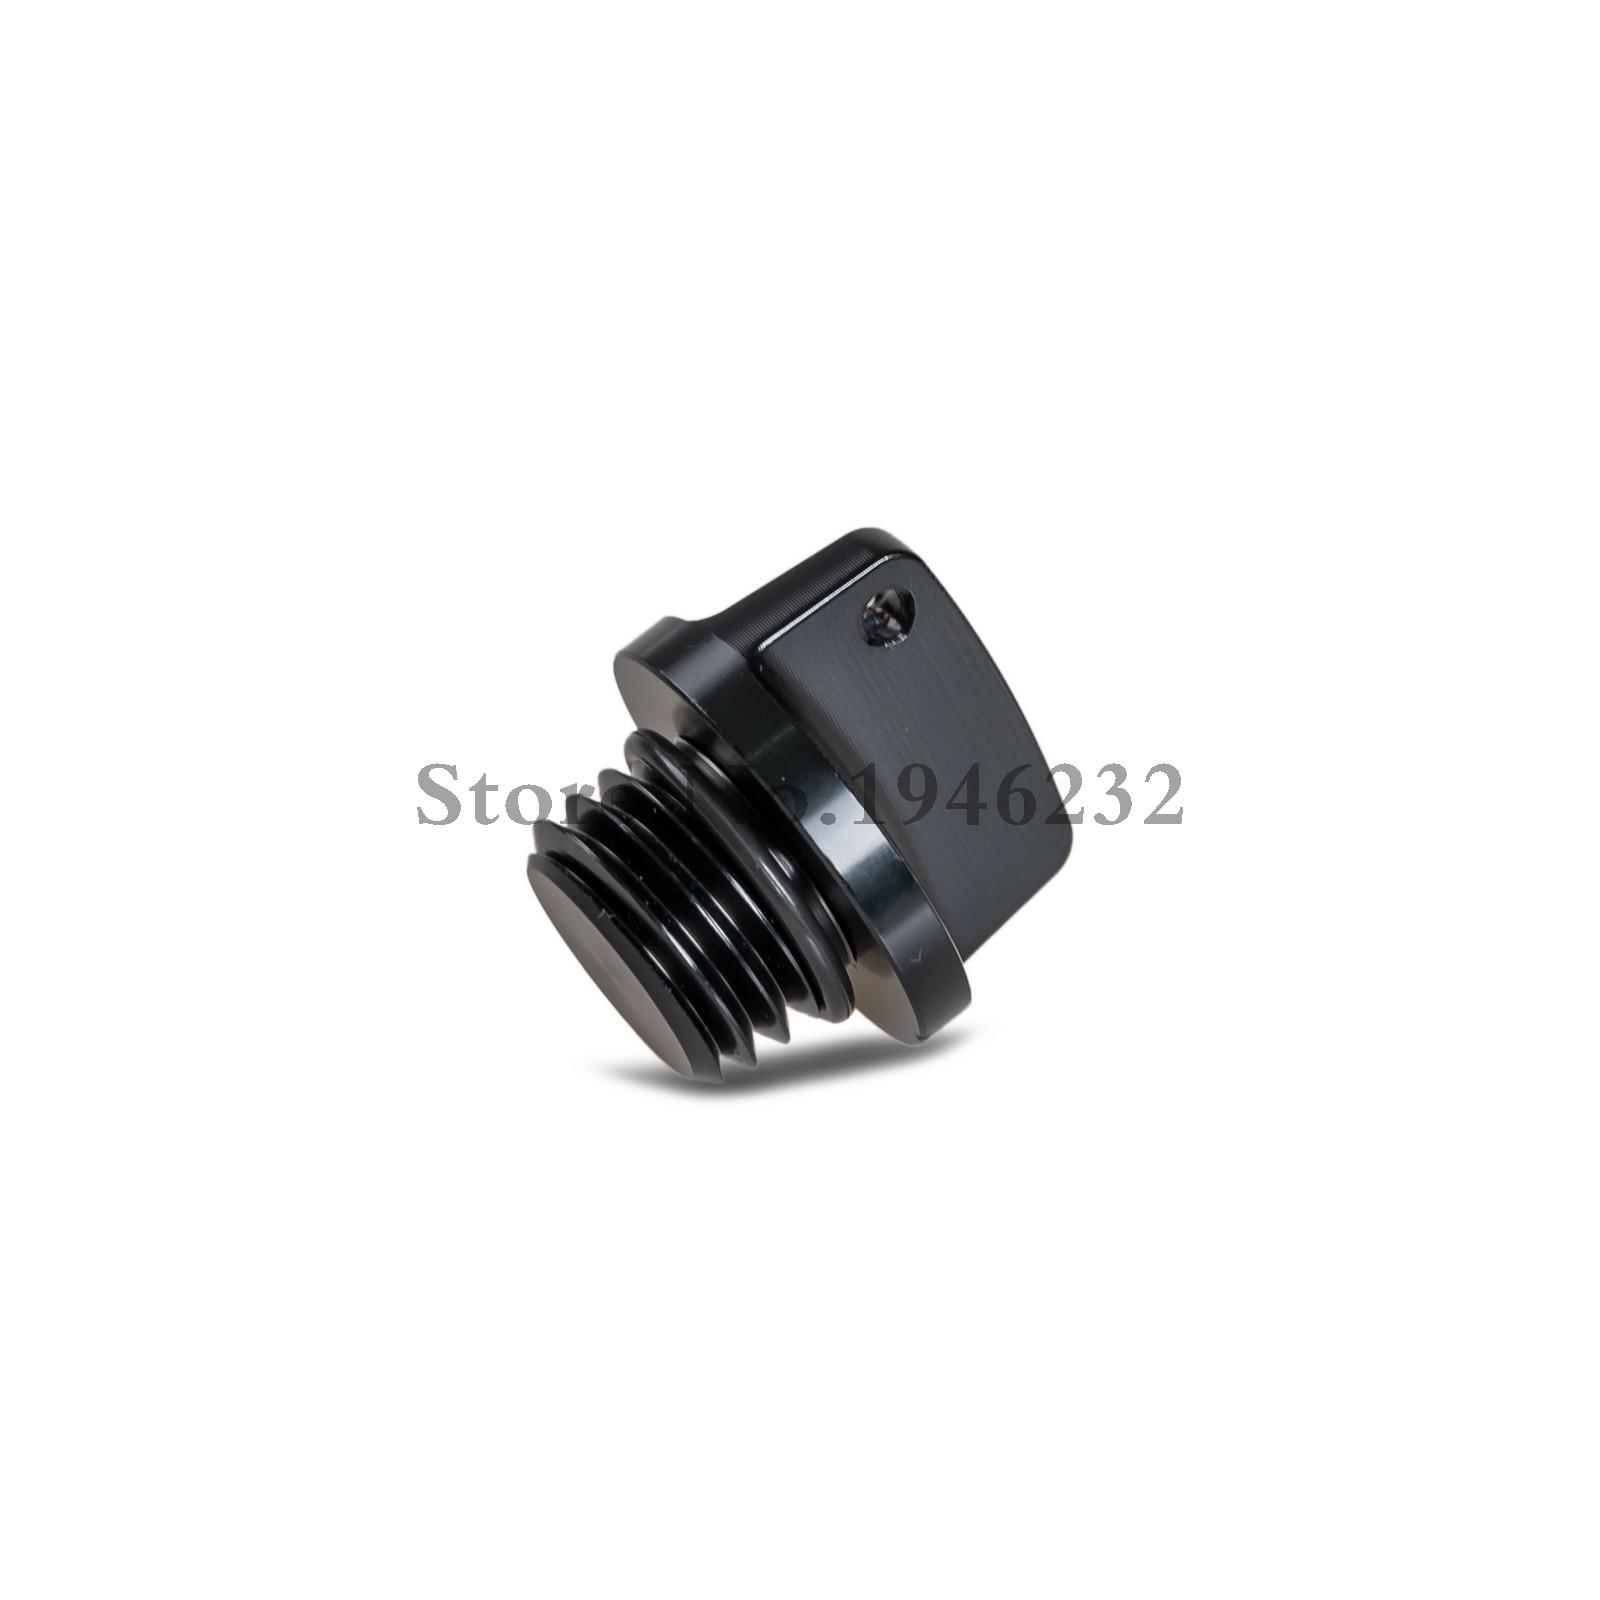 H2CNC Oil Filler Cap Plug For Ducati  Diavel 1199 Panigale Monster 696 796 821 1100 1200 Hypermotard Multistrada 848 EVO 899